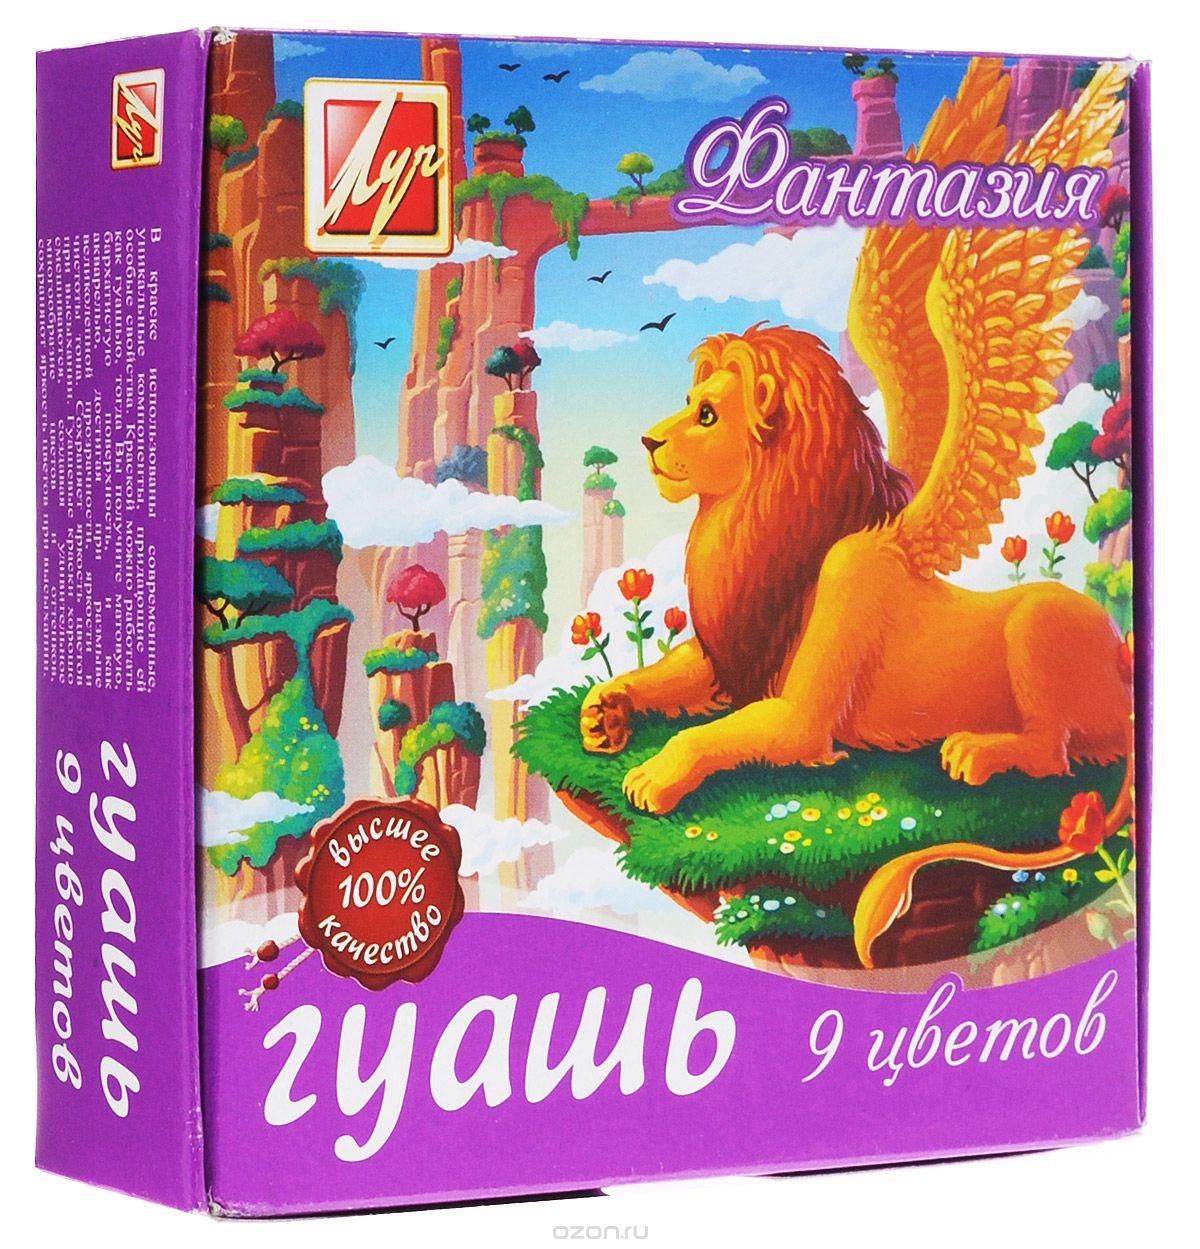 Луч Гуашь Фантазия 9 цветов цвет коробки в ассортименте